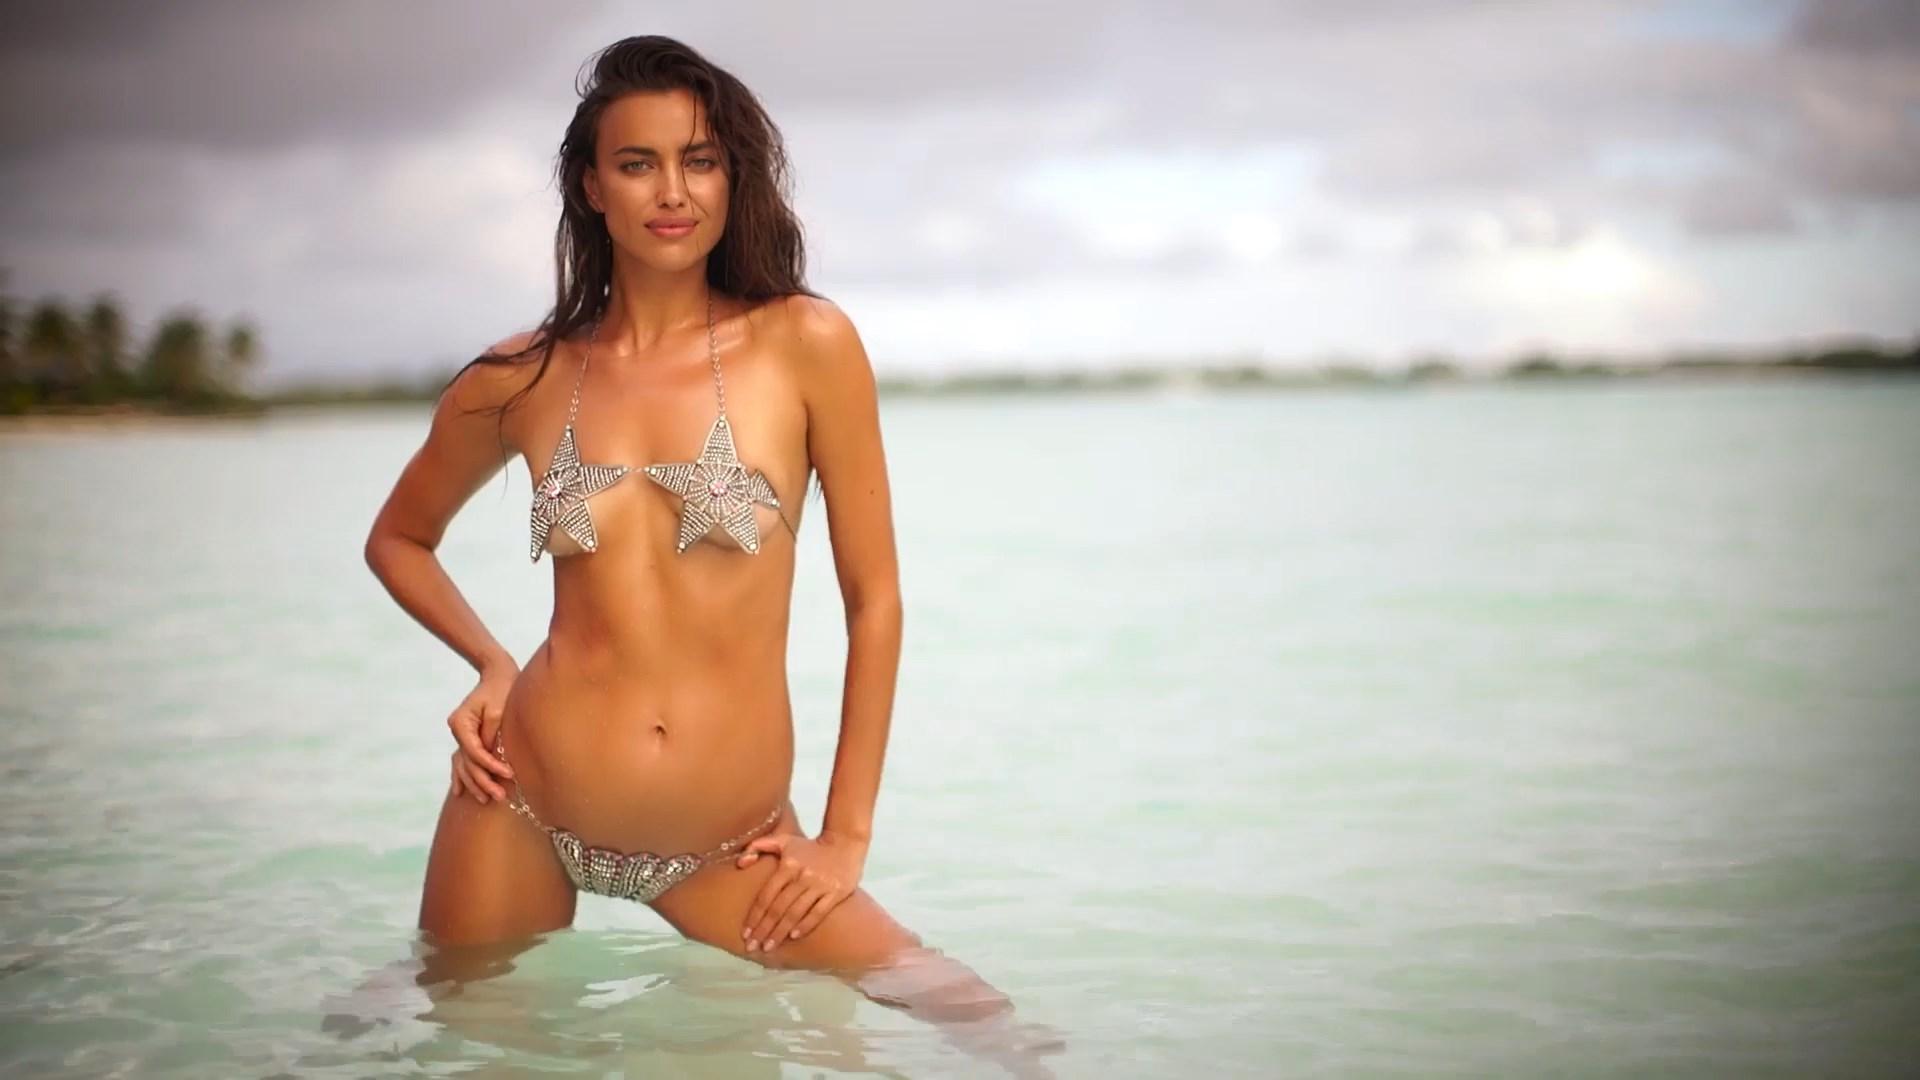 Irina Shayk nude pic